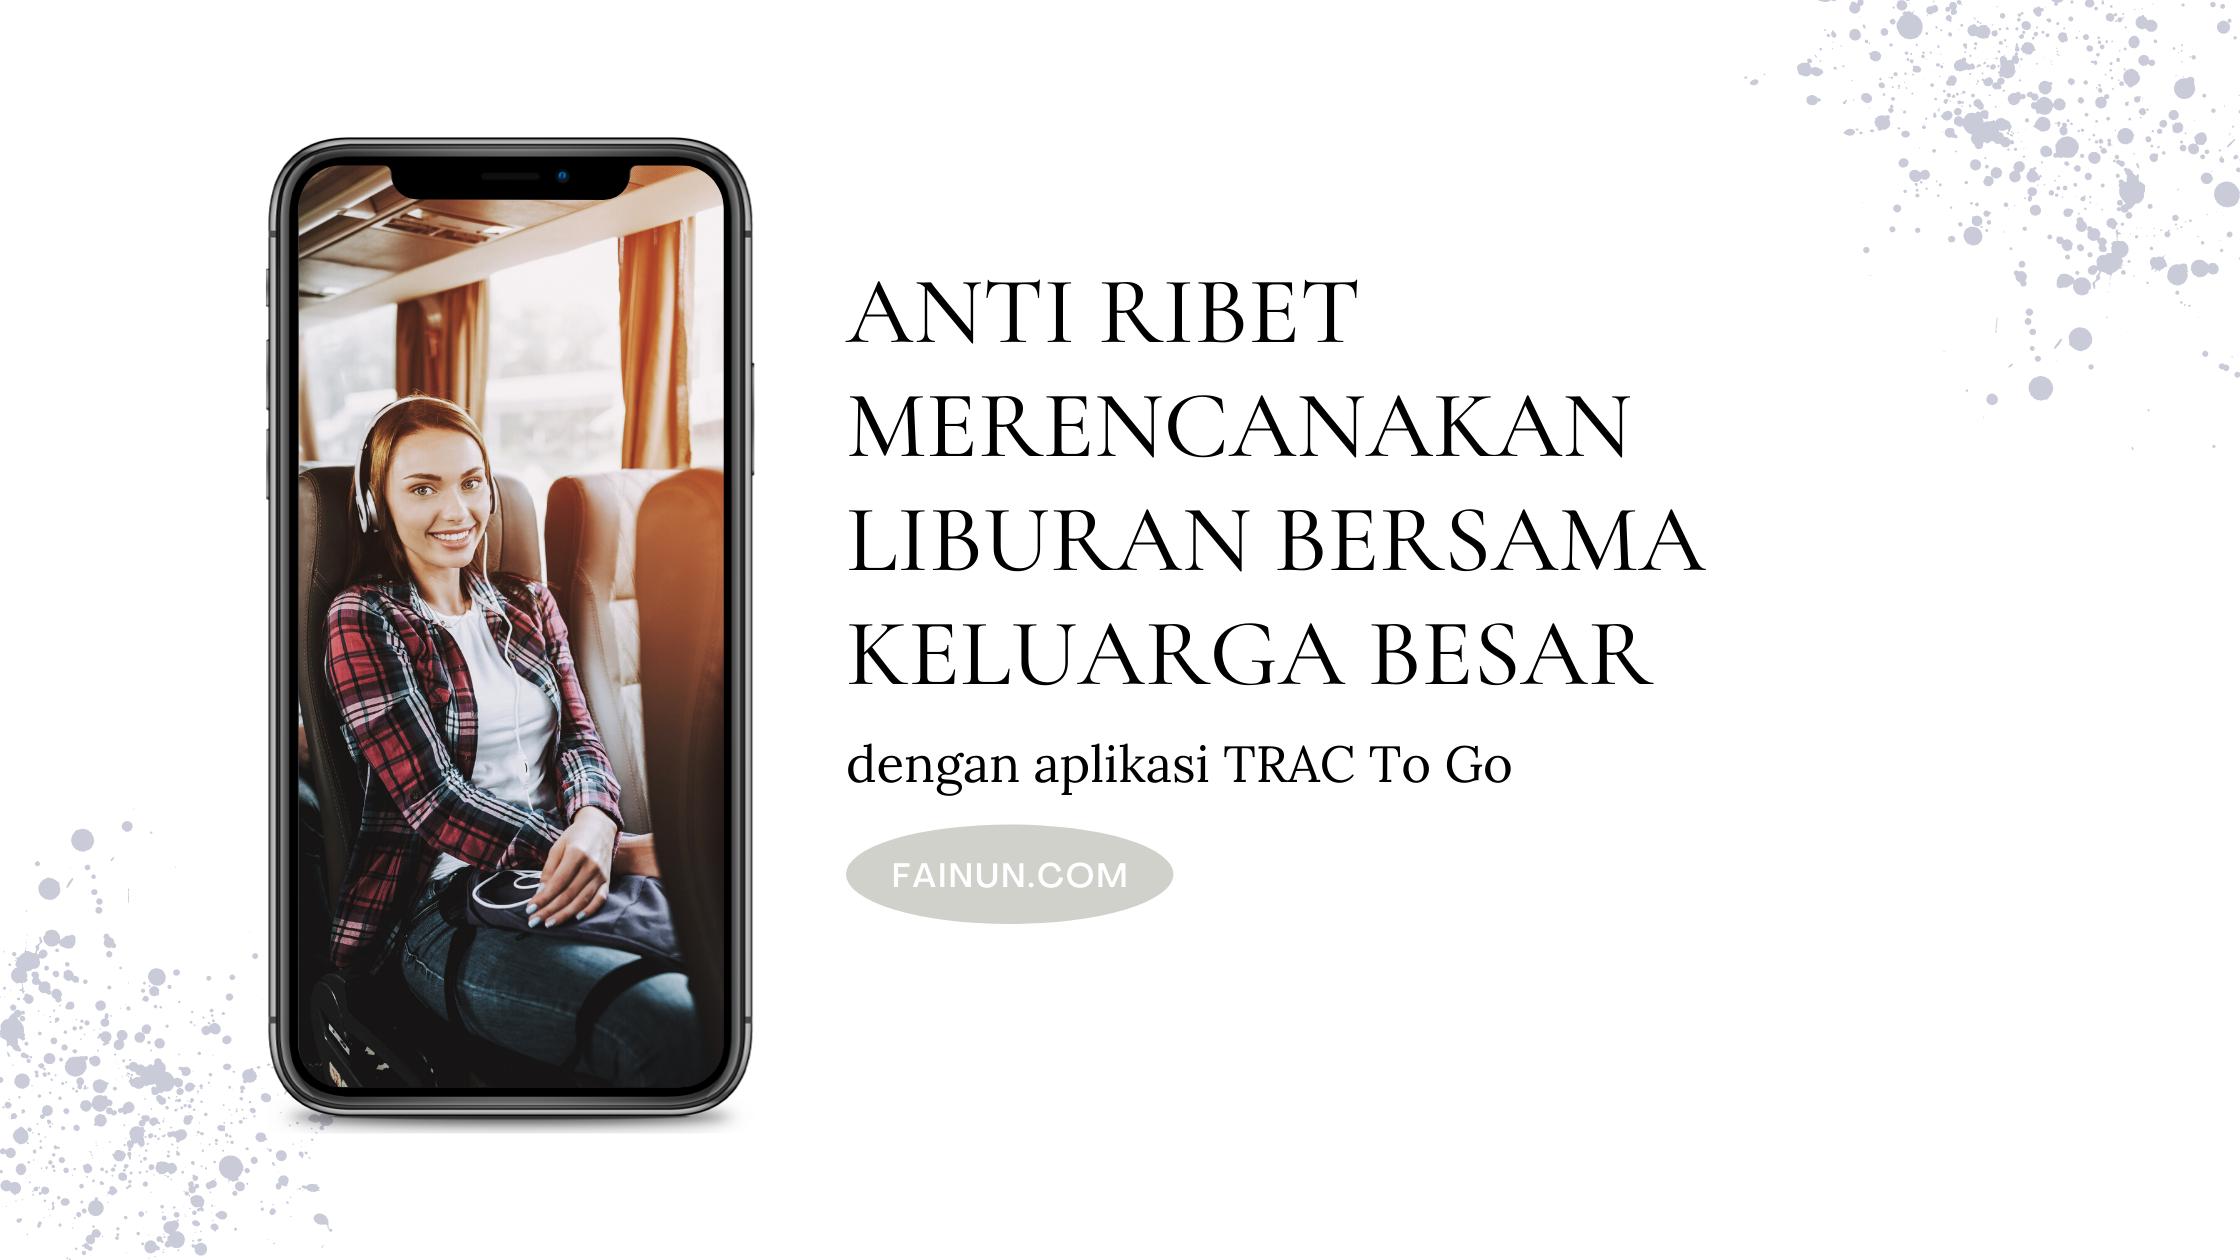 Anti Ribet Merencanakan Liburan Bersama Keluarga Besar dengan aplikasi TRAC To Go